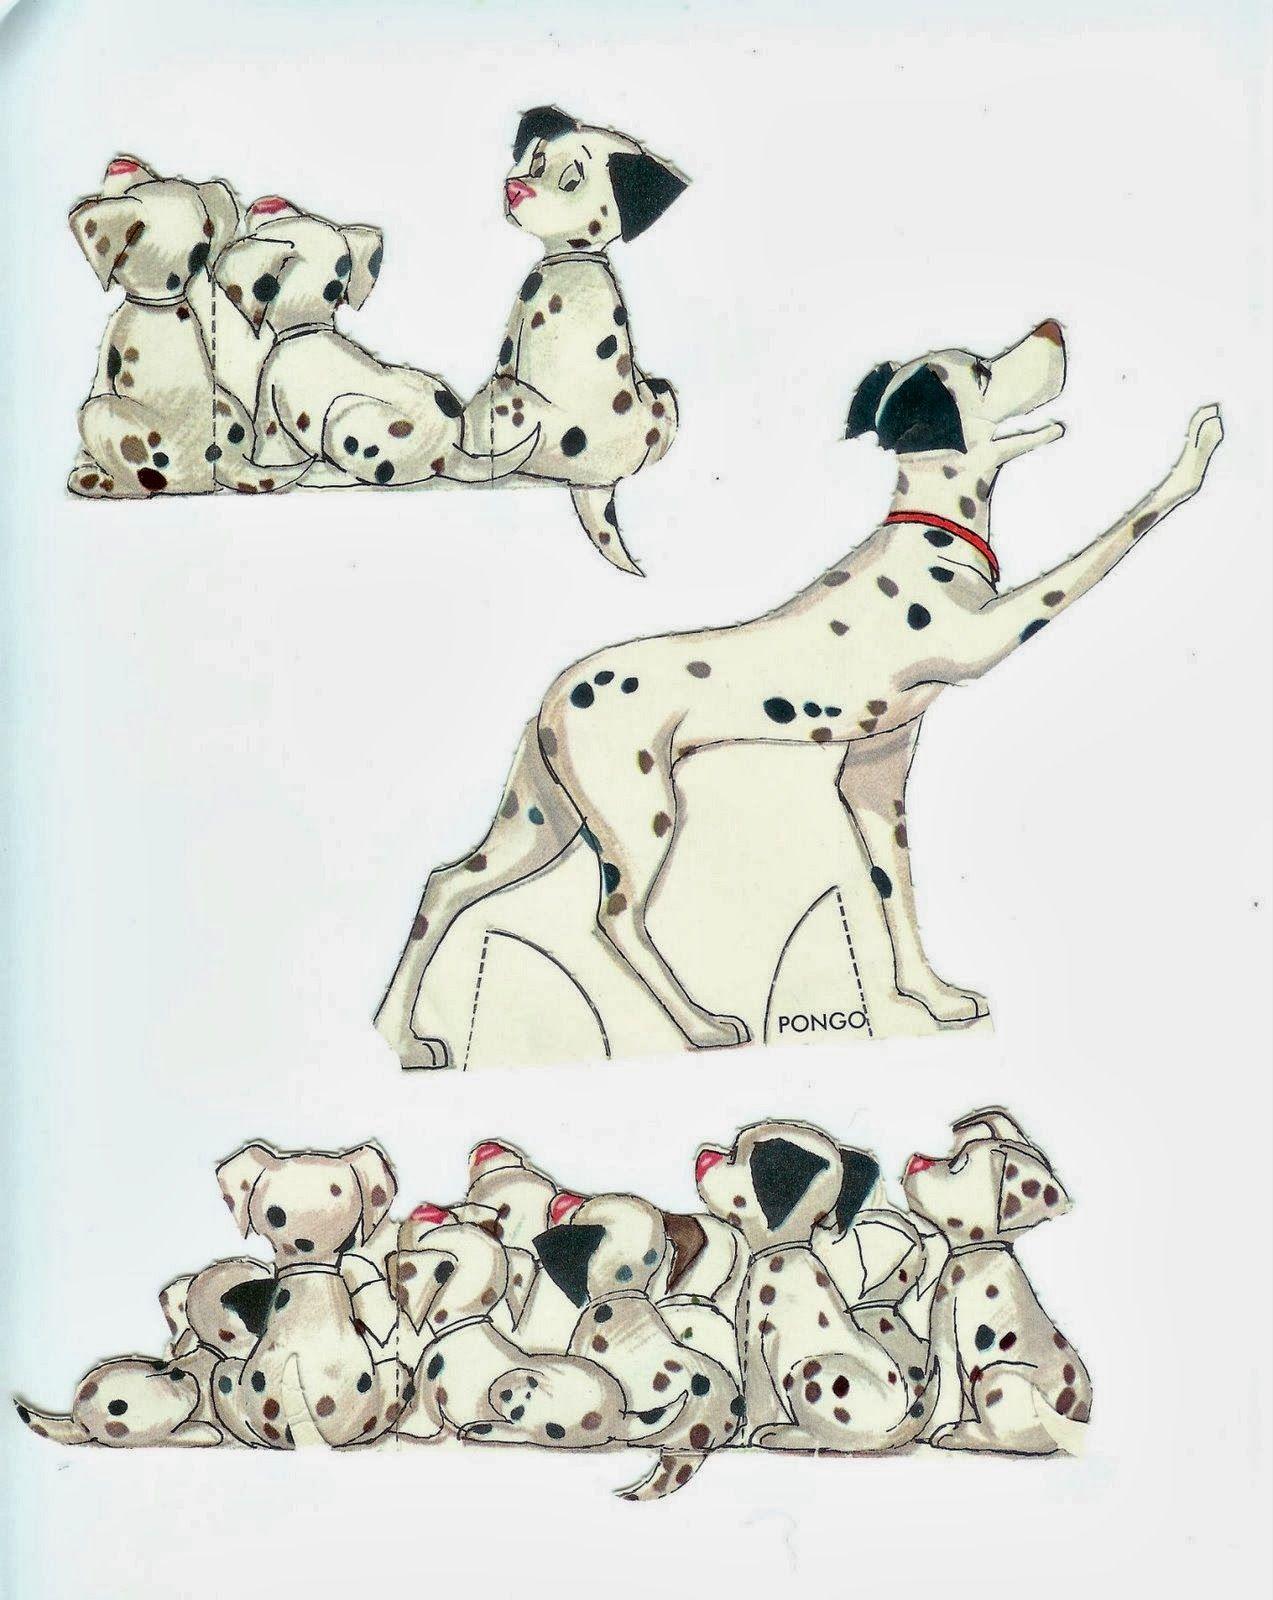 Coleção de bonecos de papel do Desenho Animado Os 101 Dálmatas ...